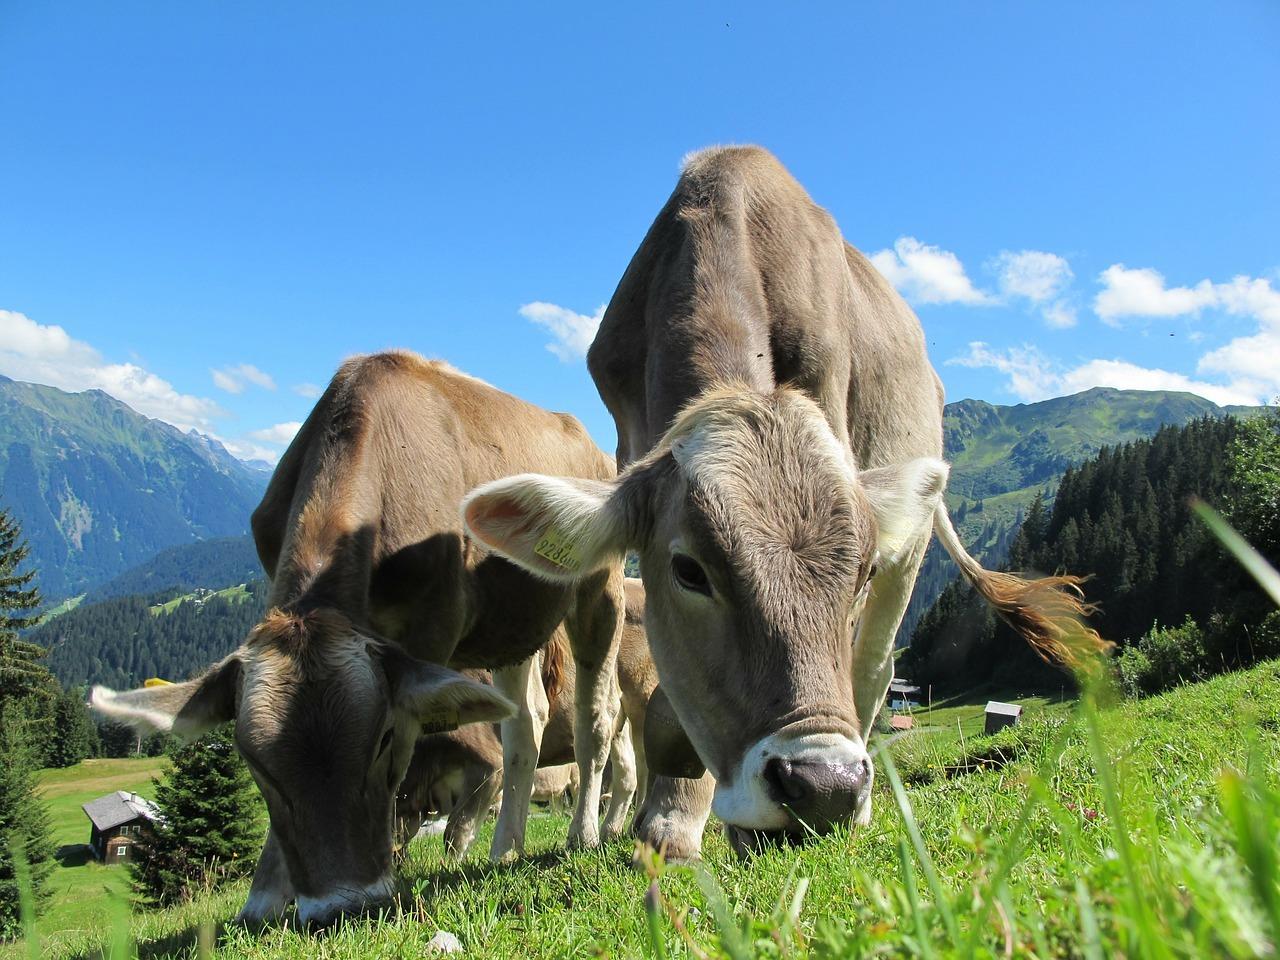 Cow - Original image